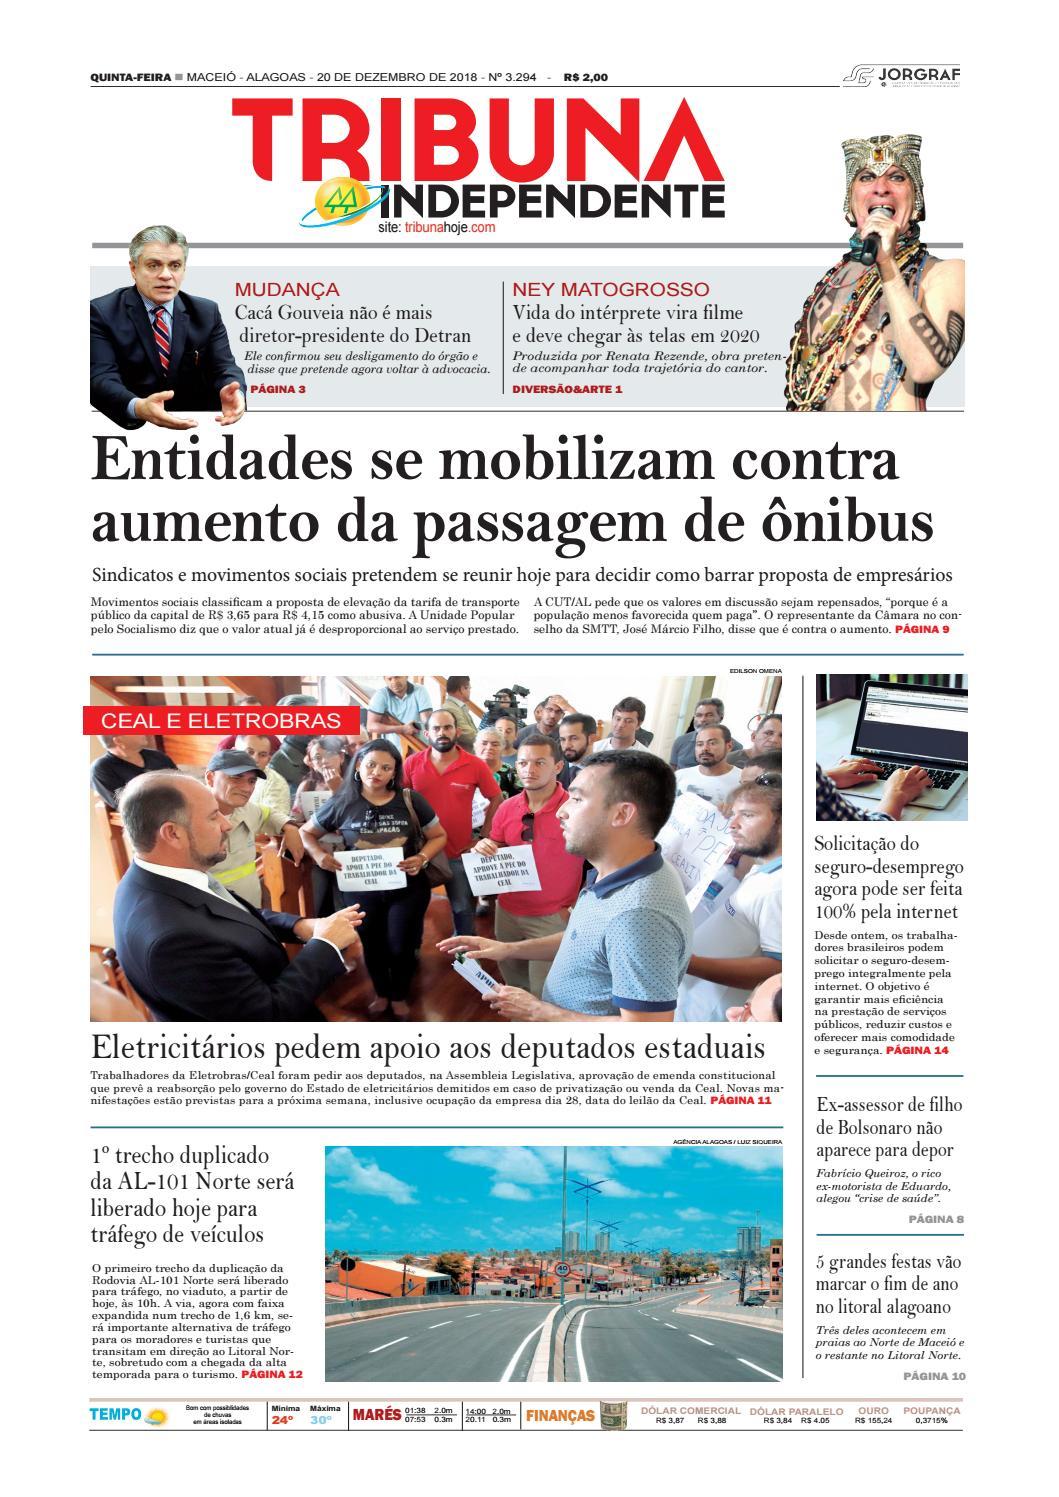 314a551754c4e Edição número 3294 - 20 de dezembro de 2018 by Tribuna Hoje - issuu